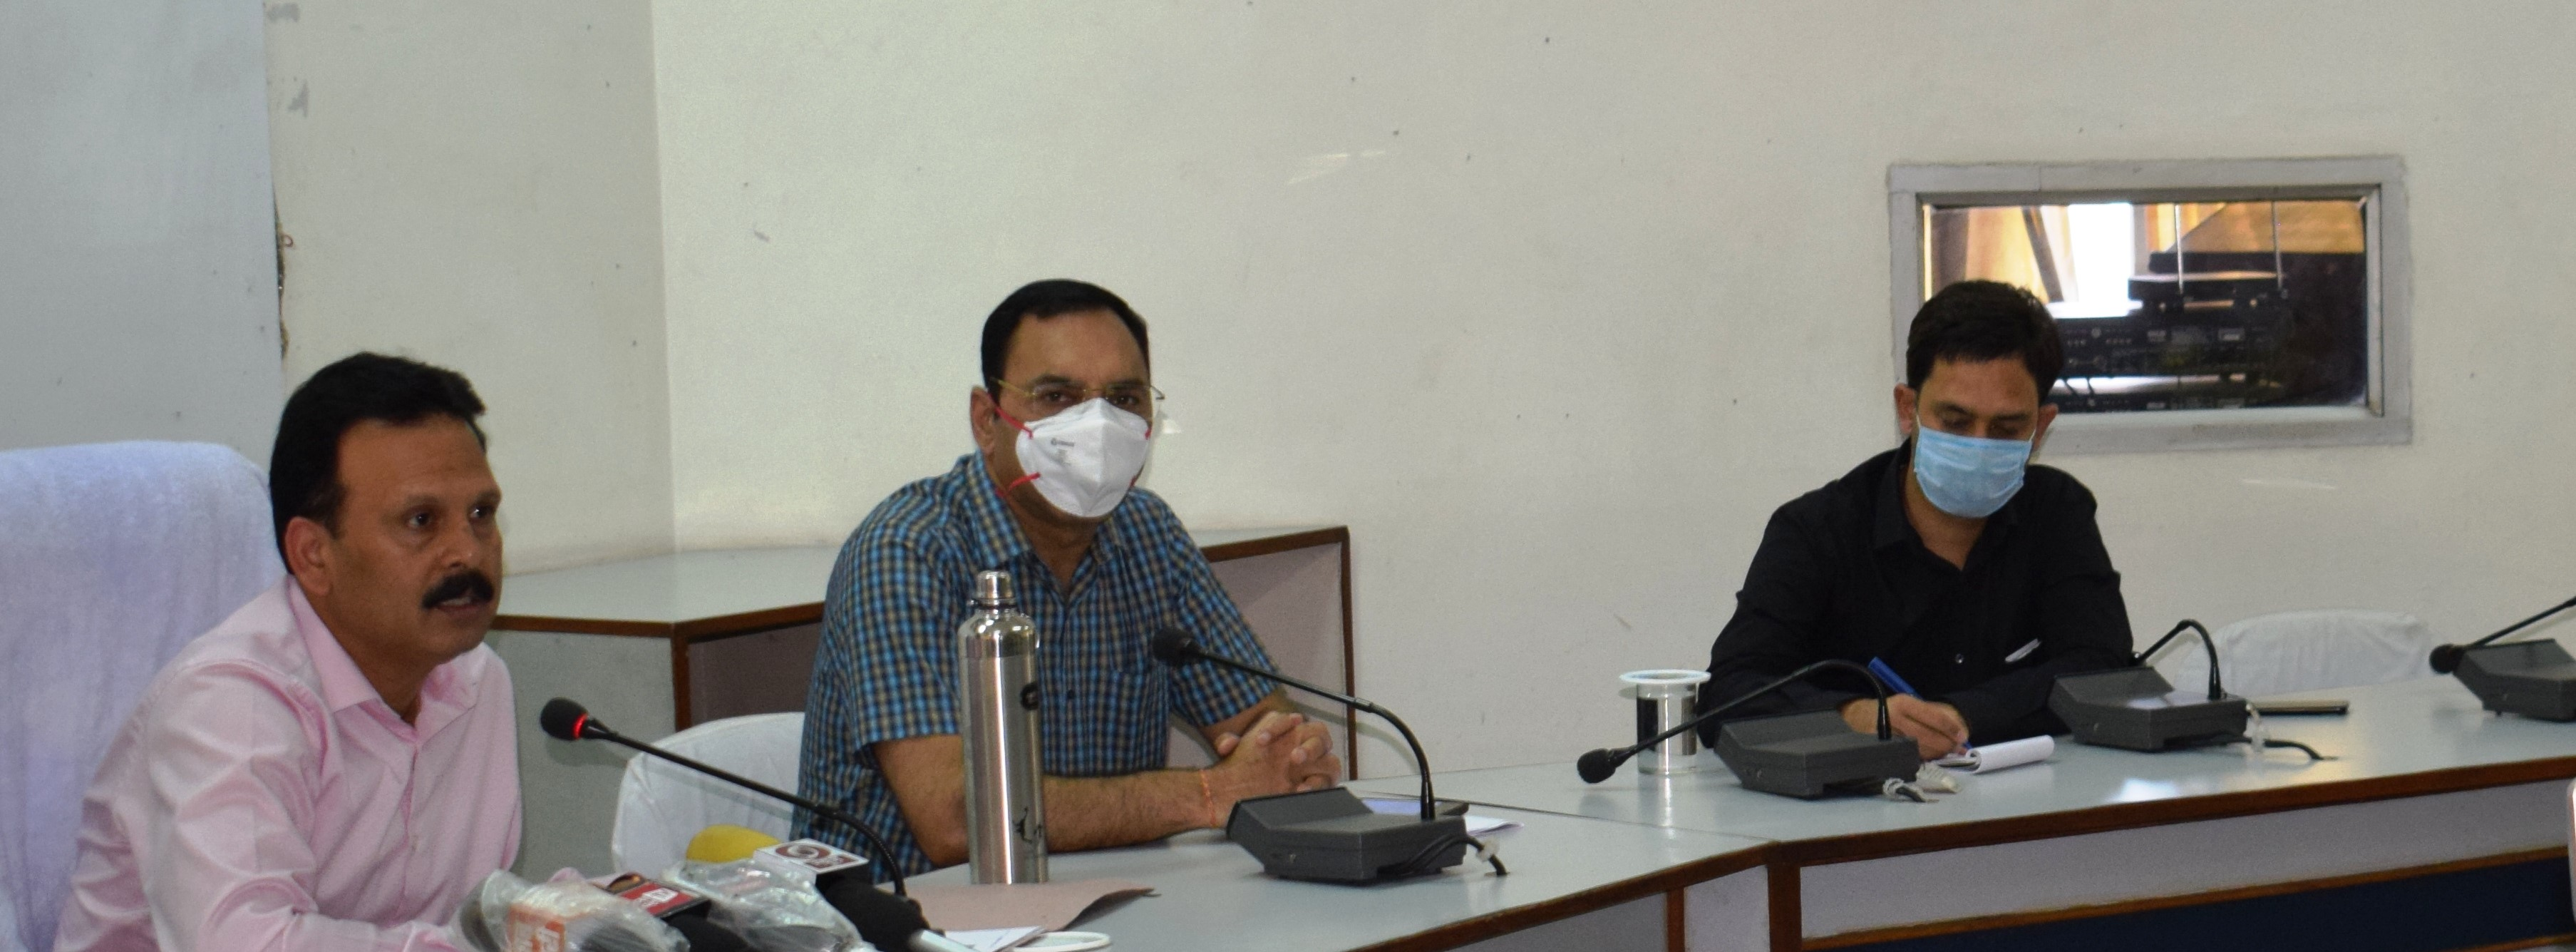 बाहरी प्रदेशों से 3311 लोग जिला ऊना पहुंचेः डीसी संदीप कुमार